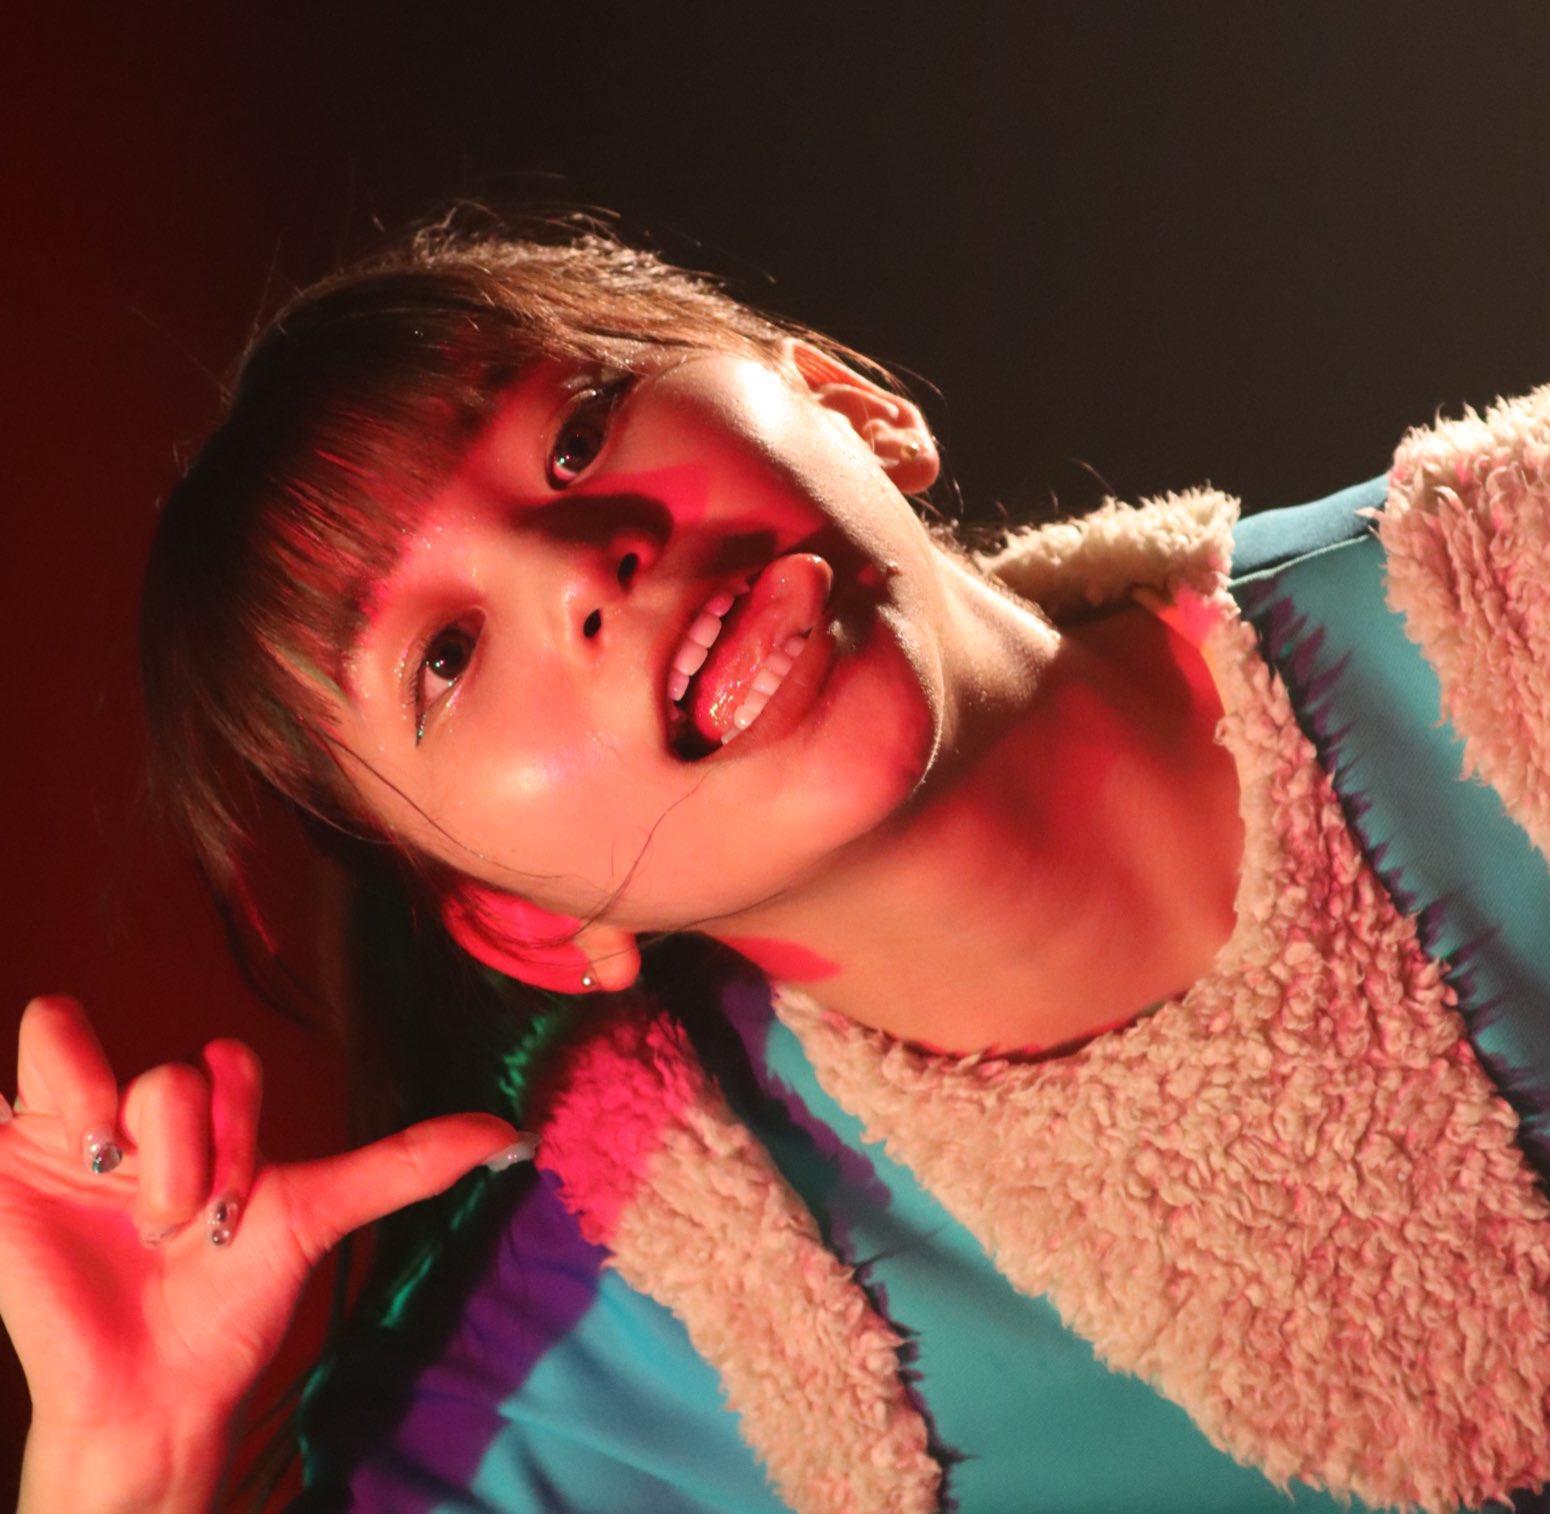 ア・アンズピアの極厚舌 (8)